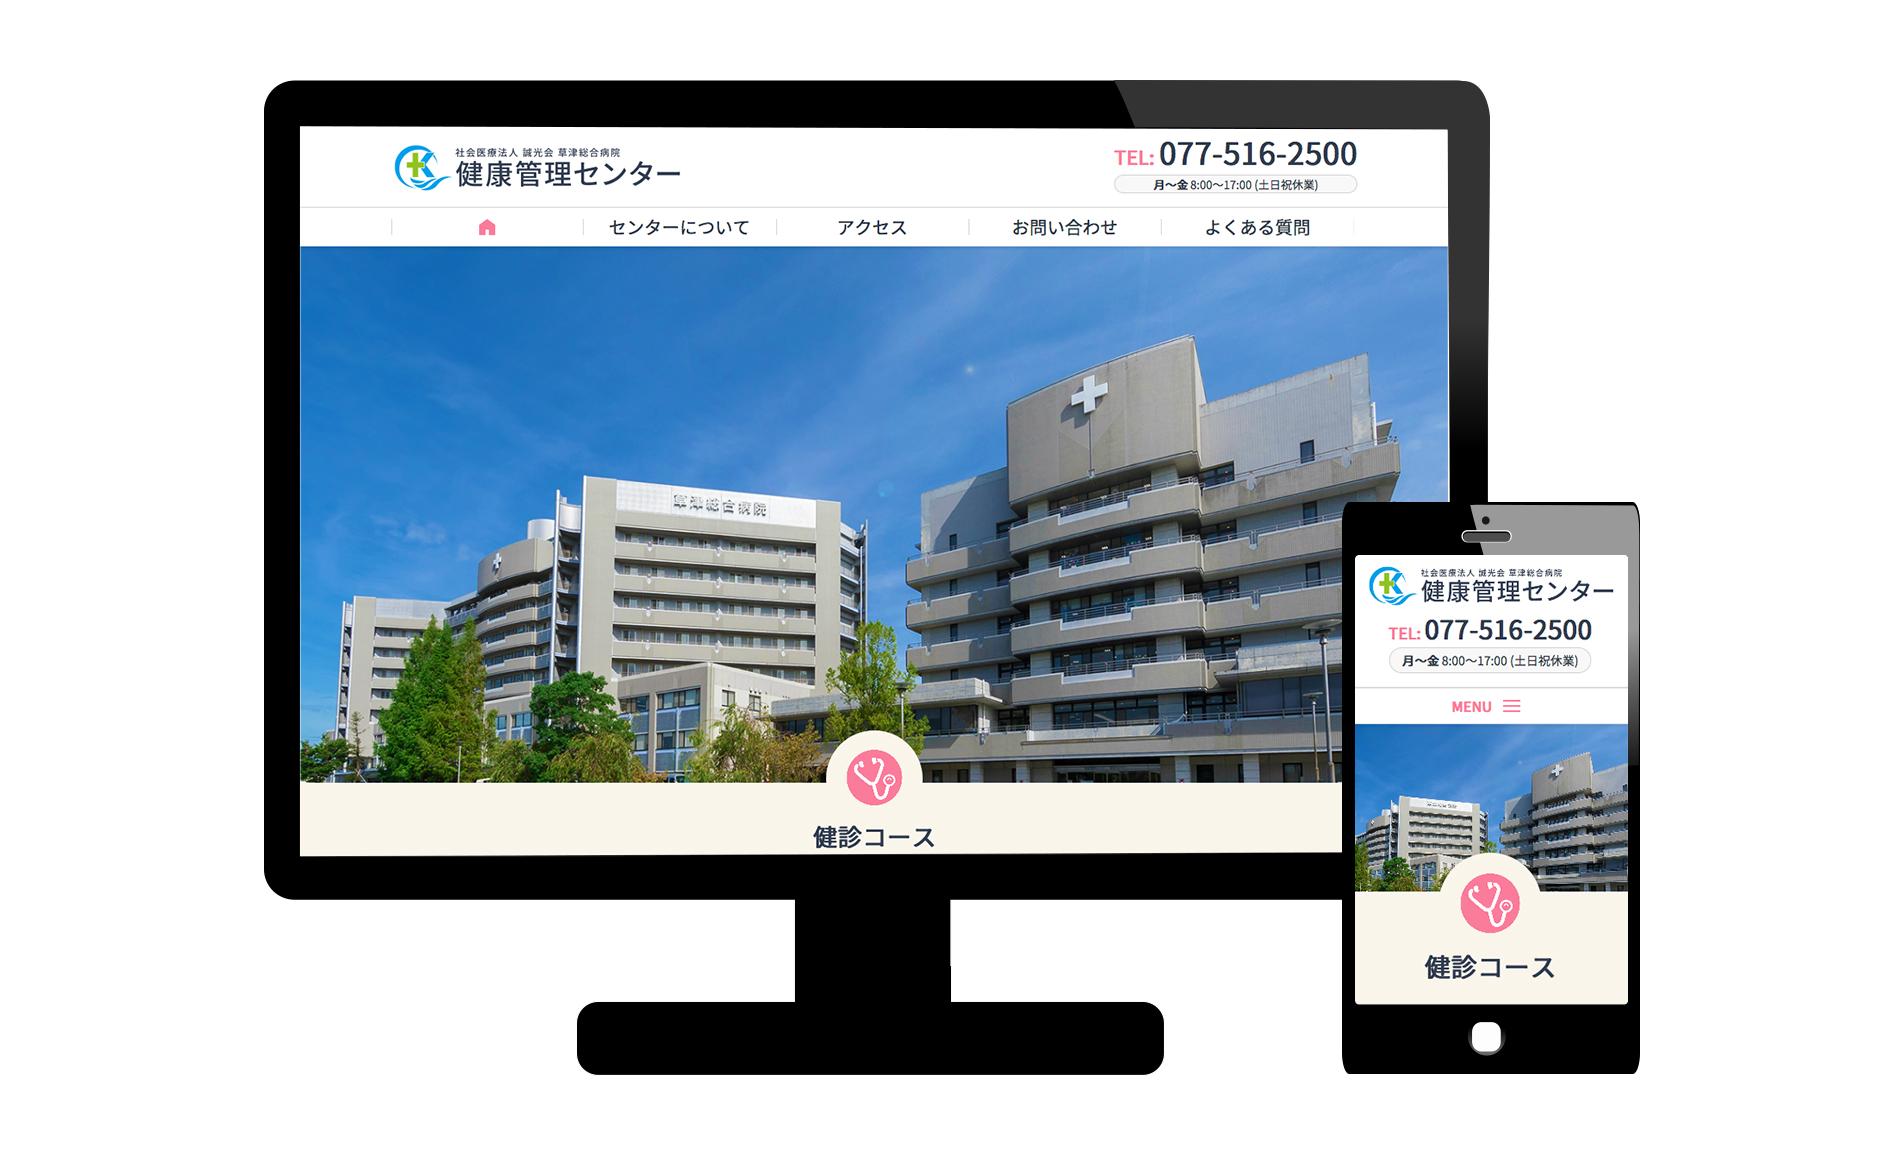 草津総合病院 健康管理センターのウェブサイトをオープンしました!